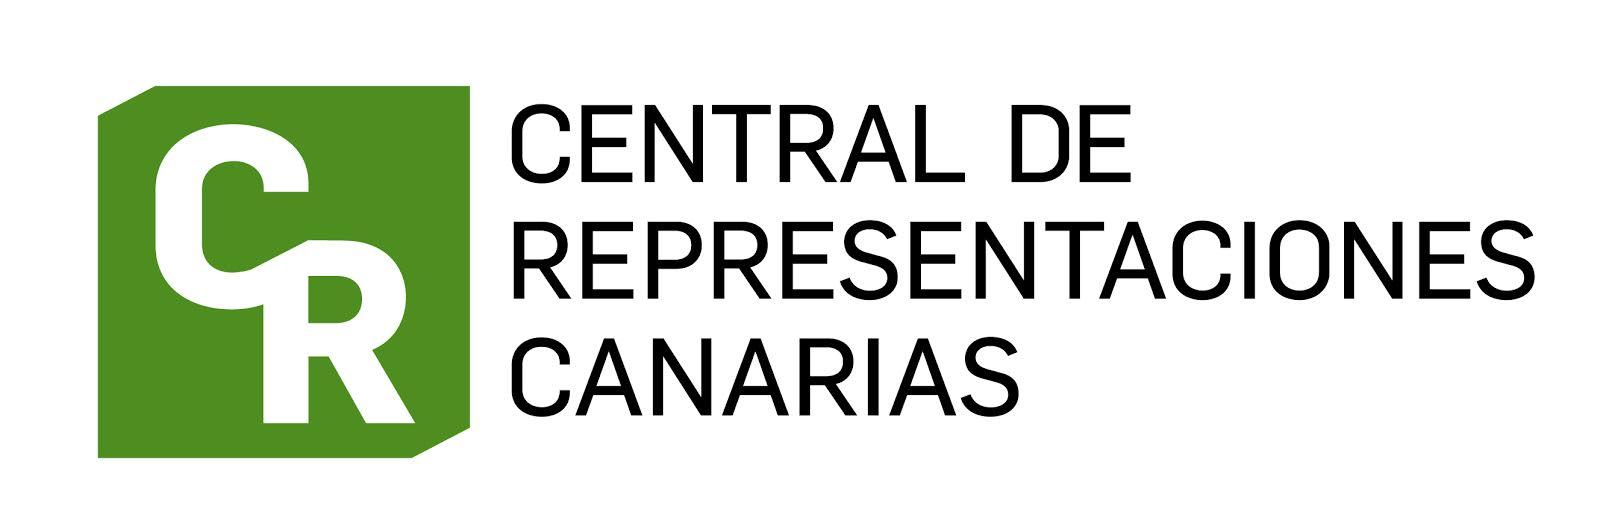 Central de Represantaciones Canarias S.L.